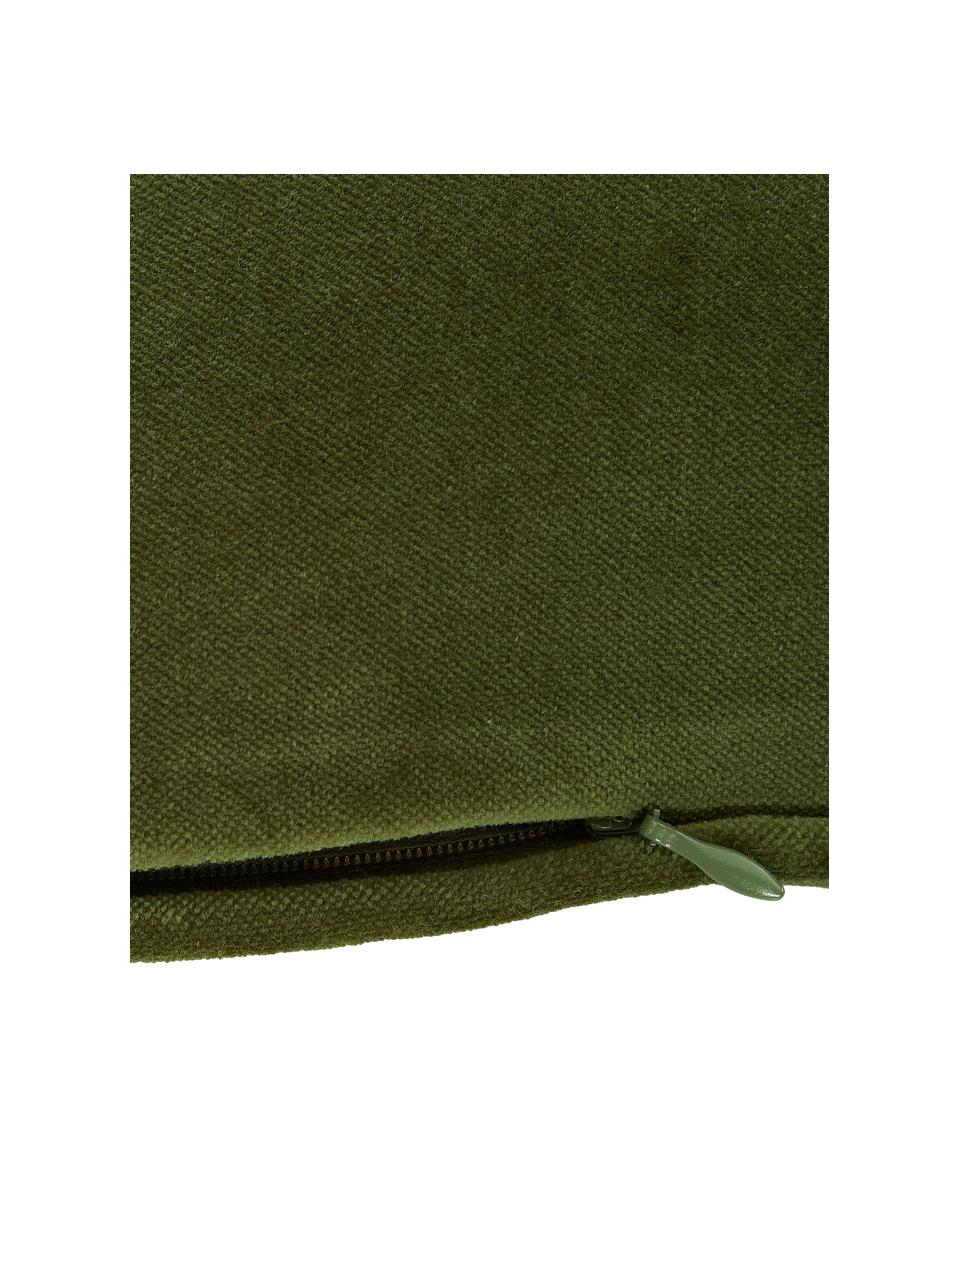 Poszewka na poduszkę z aksamitu Dana, 100% aksamit bawełniany, Ciemny zielony, S 40 x D 40 cm